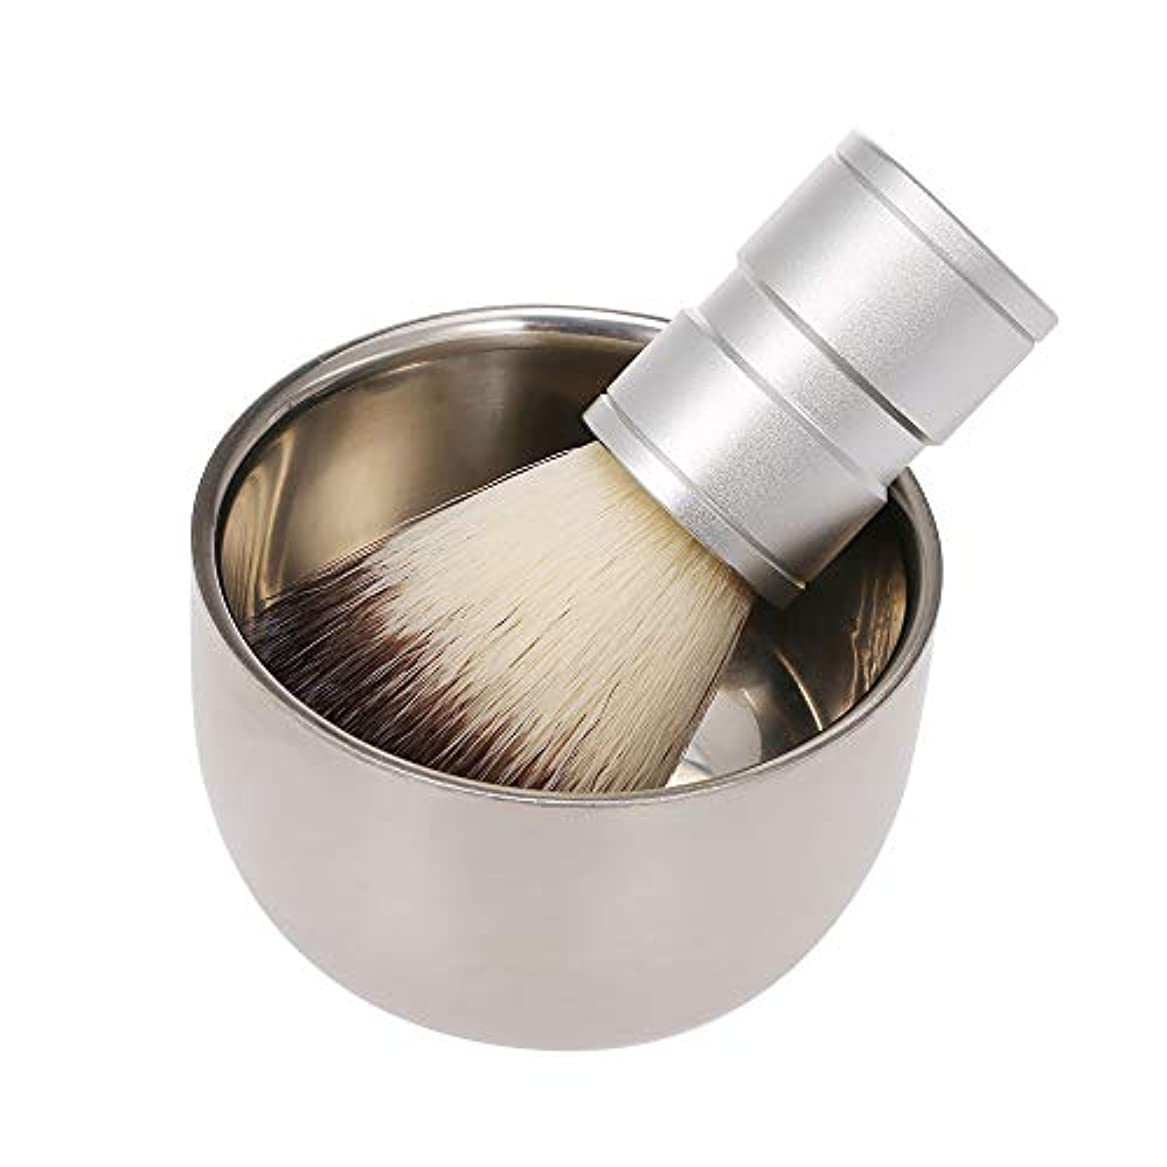 プレゼンター若さからDecdeal 男性のシェービングブラシ付き石鹸ボウルクリームマグ理髪店サロン男性顔ひげクリーニングツールセット